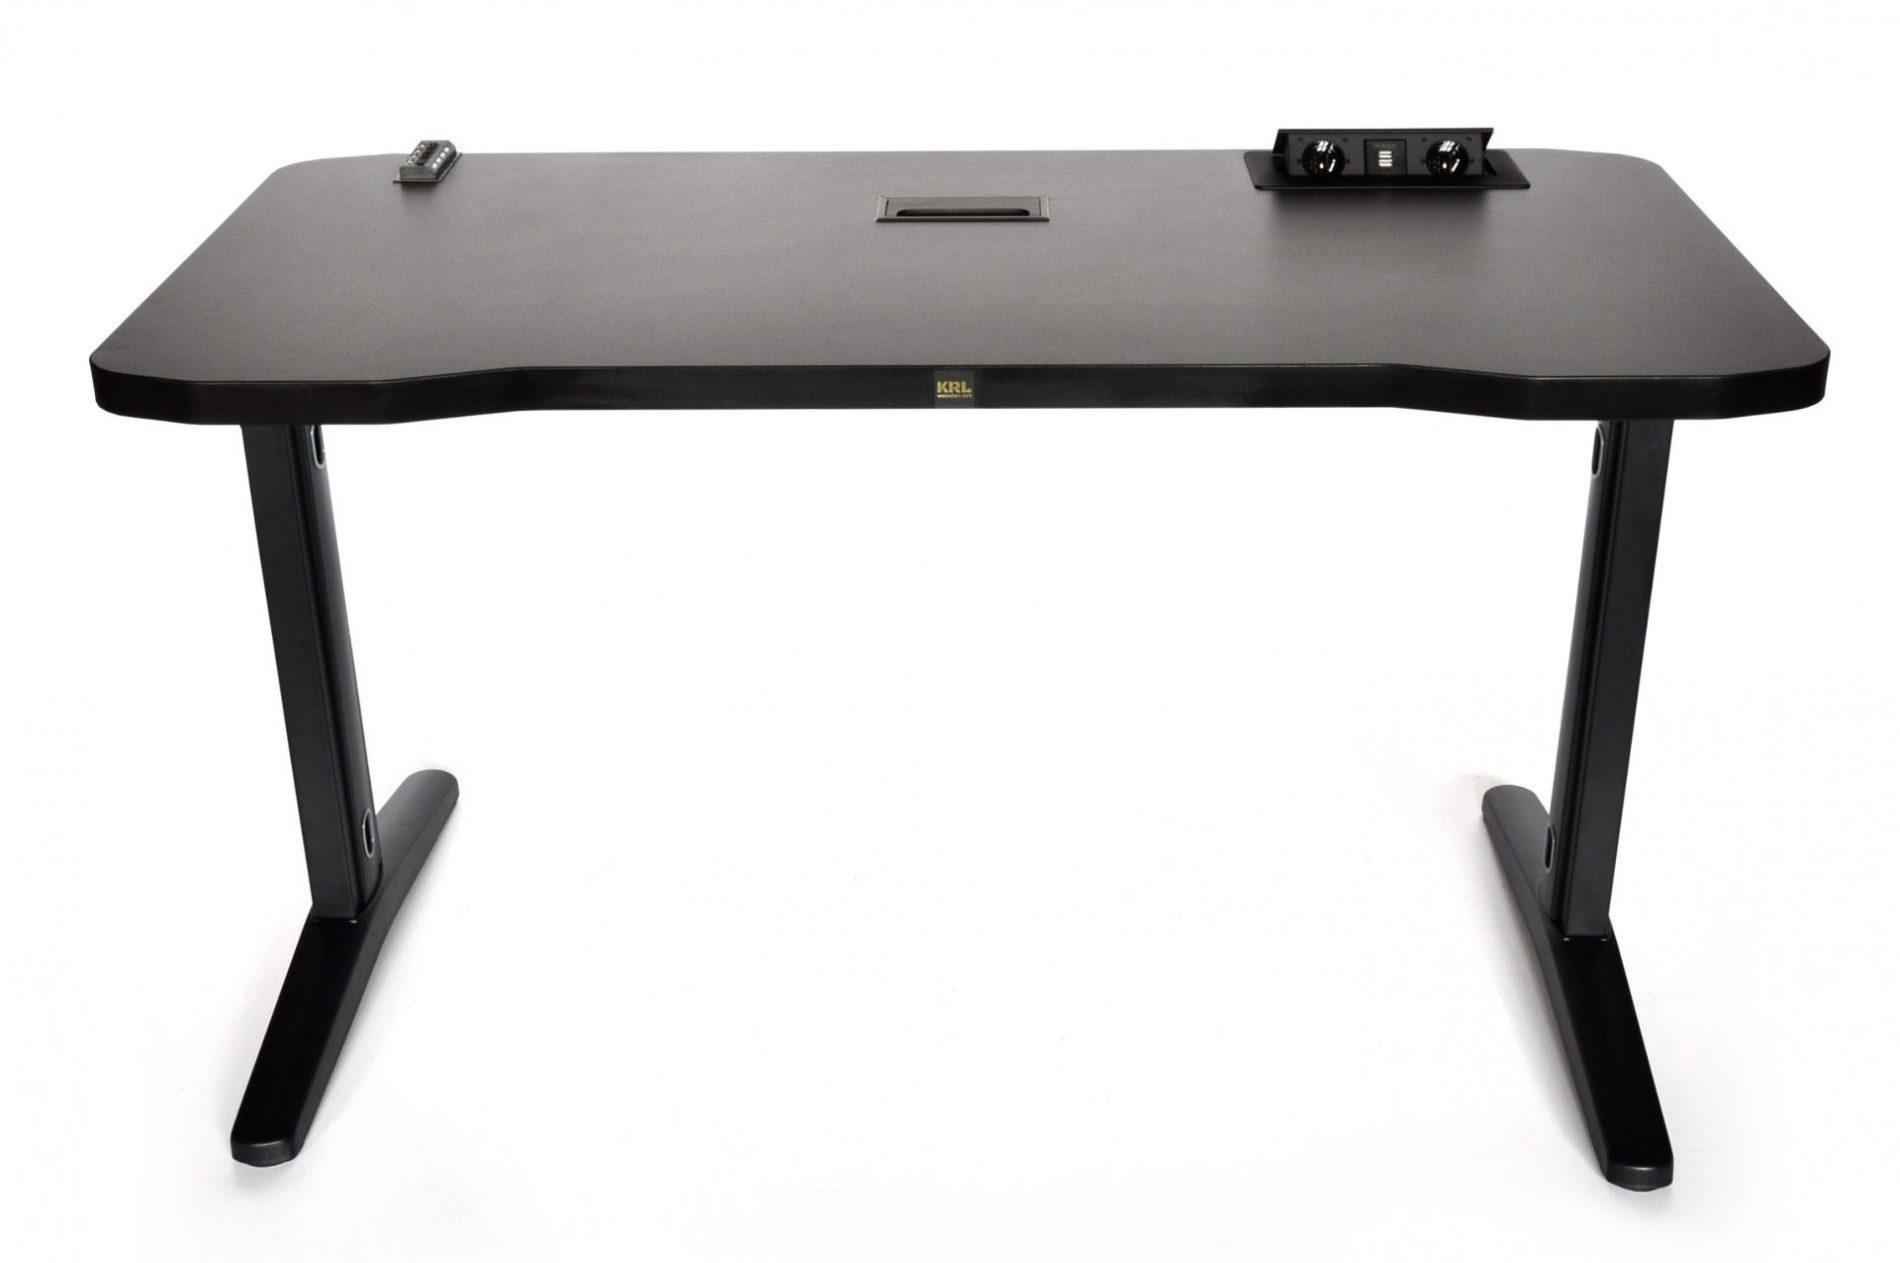 biurko krl z gniazdem i ładowarką